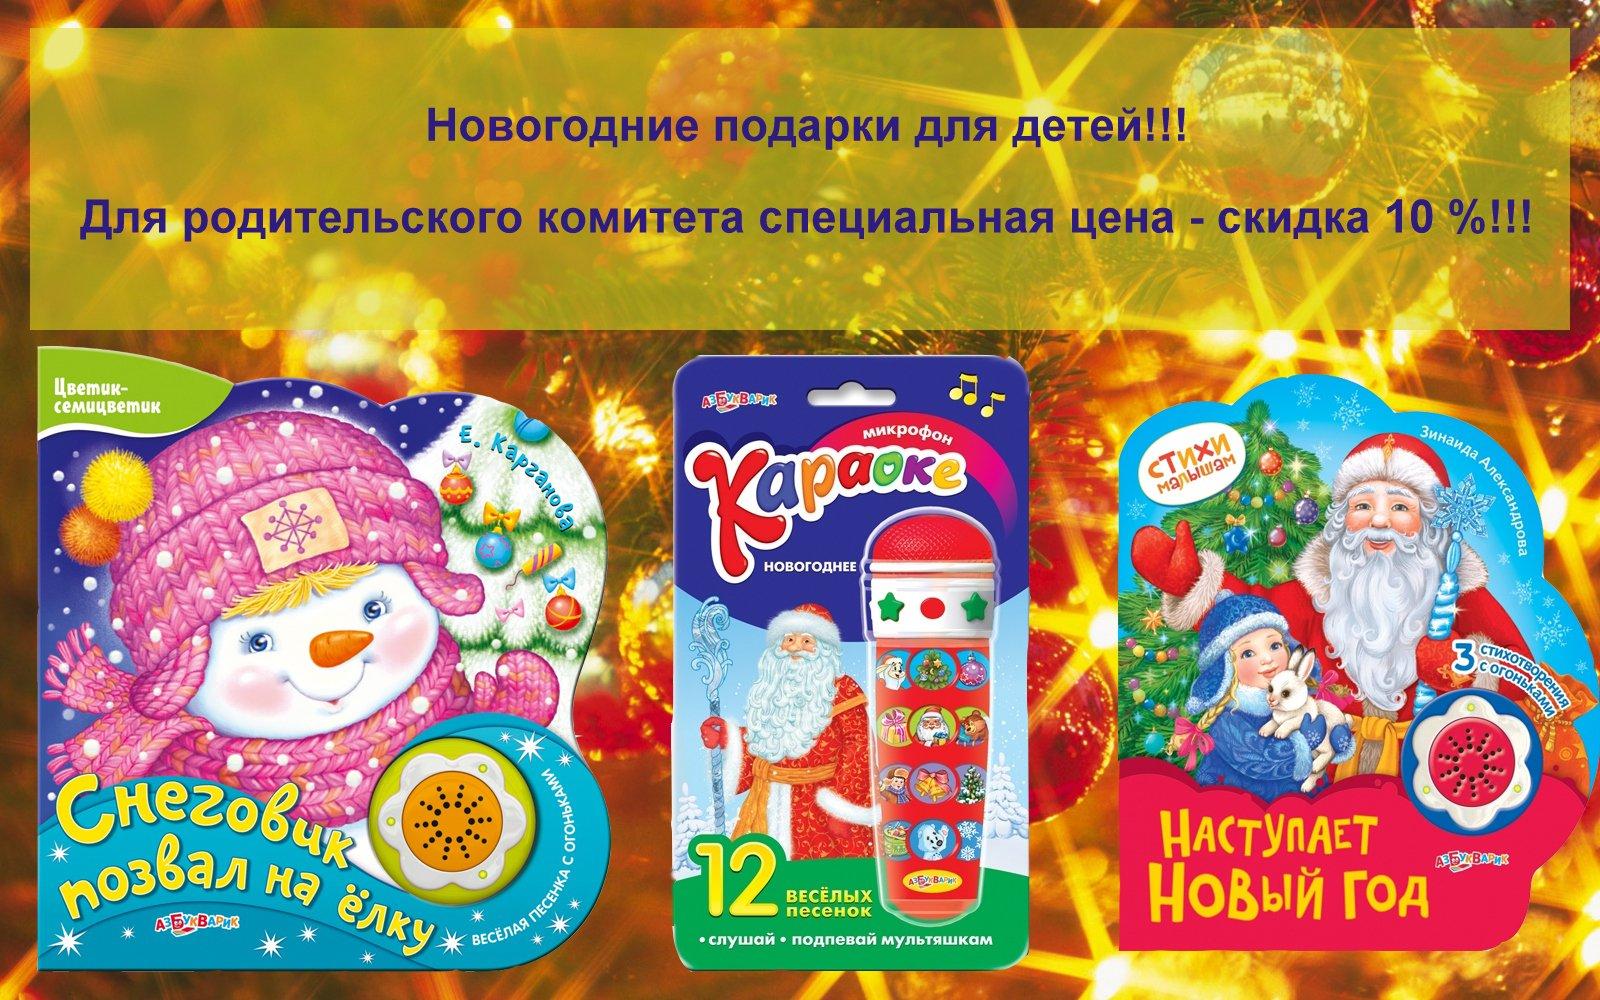 Новогодние подарки для детей на 2017 год!